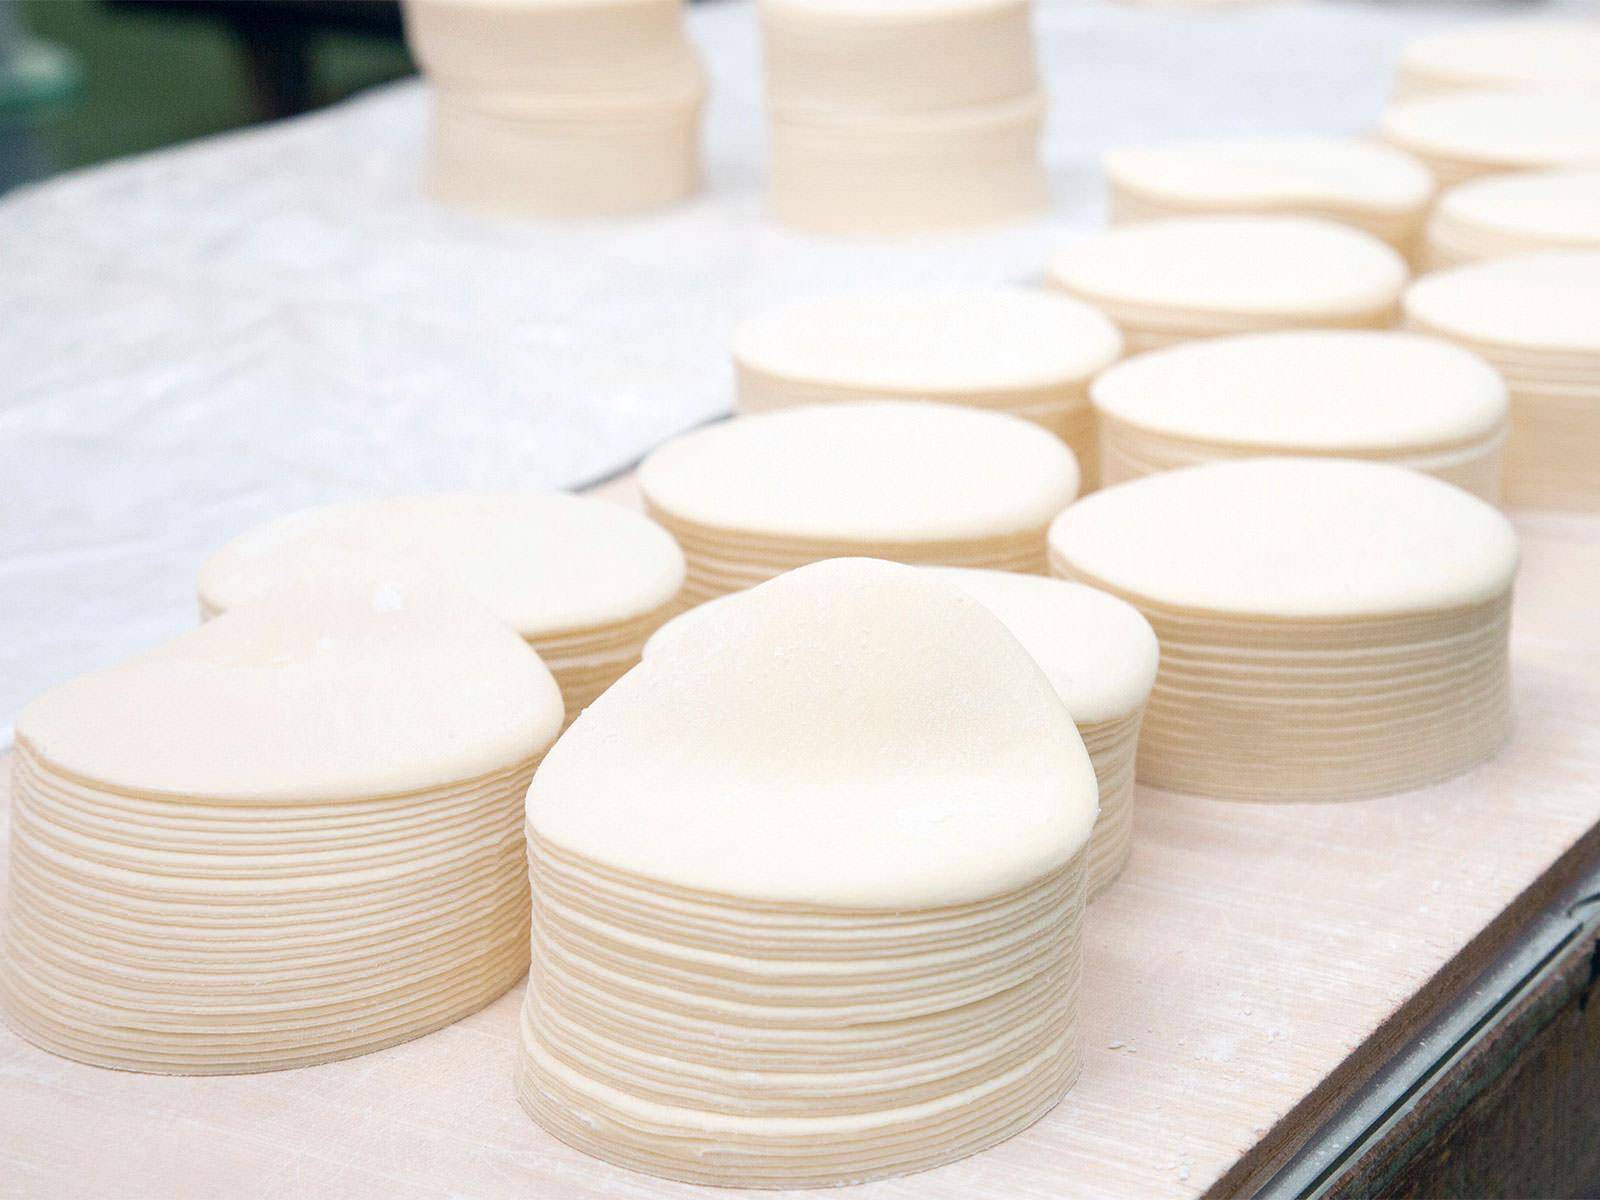 餃子 シュウマイ ワンタンの皮 大きさ/厚さ各種品揃え